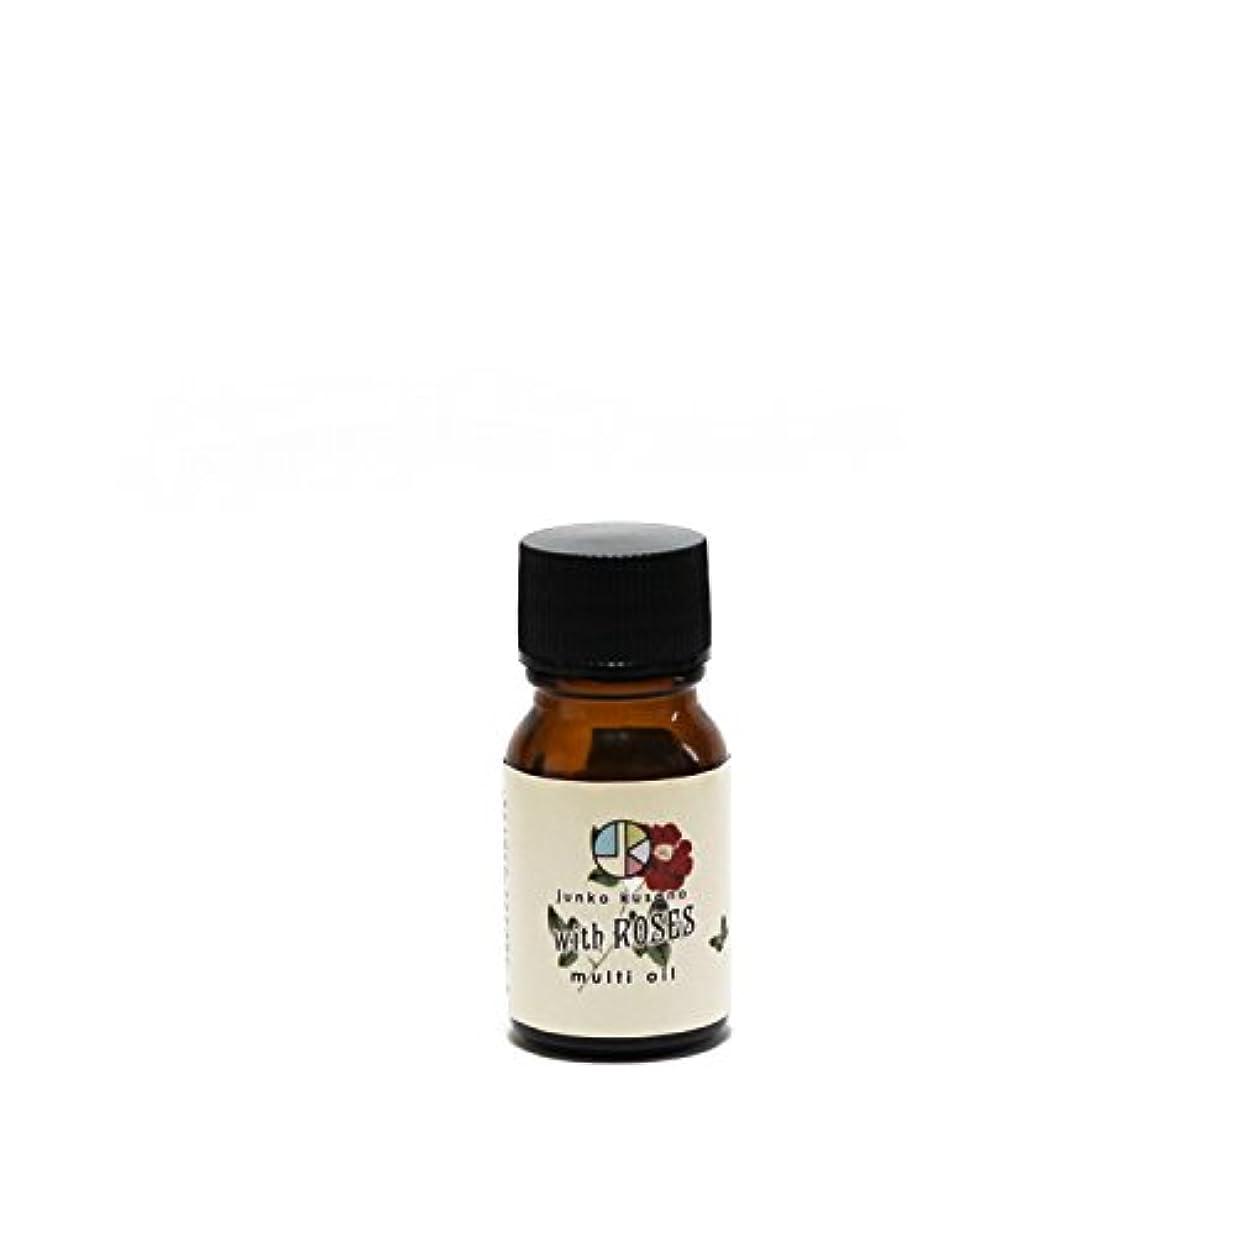 強要クレタレイアウトjunko kusano multi oil with Roses mini マルチオイルwithローズ ミニボトル10ml